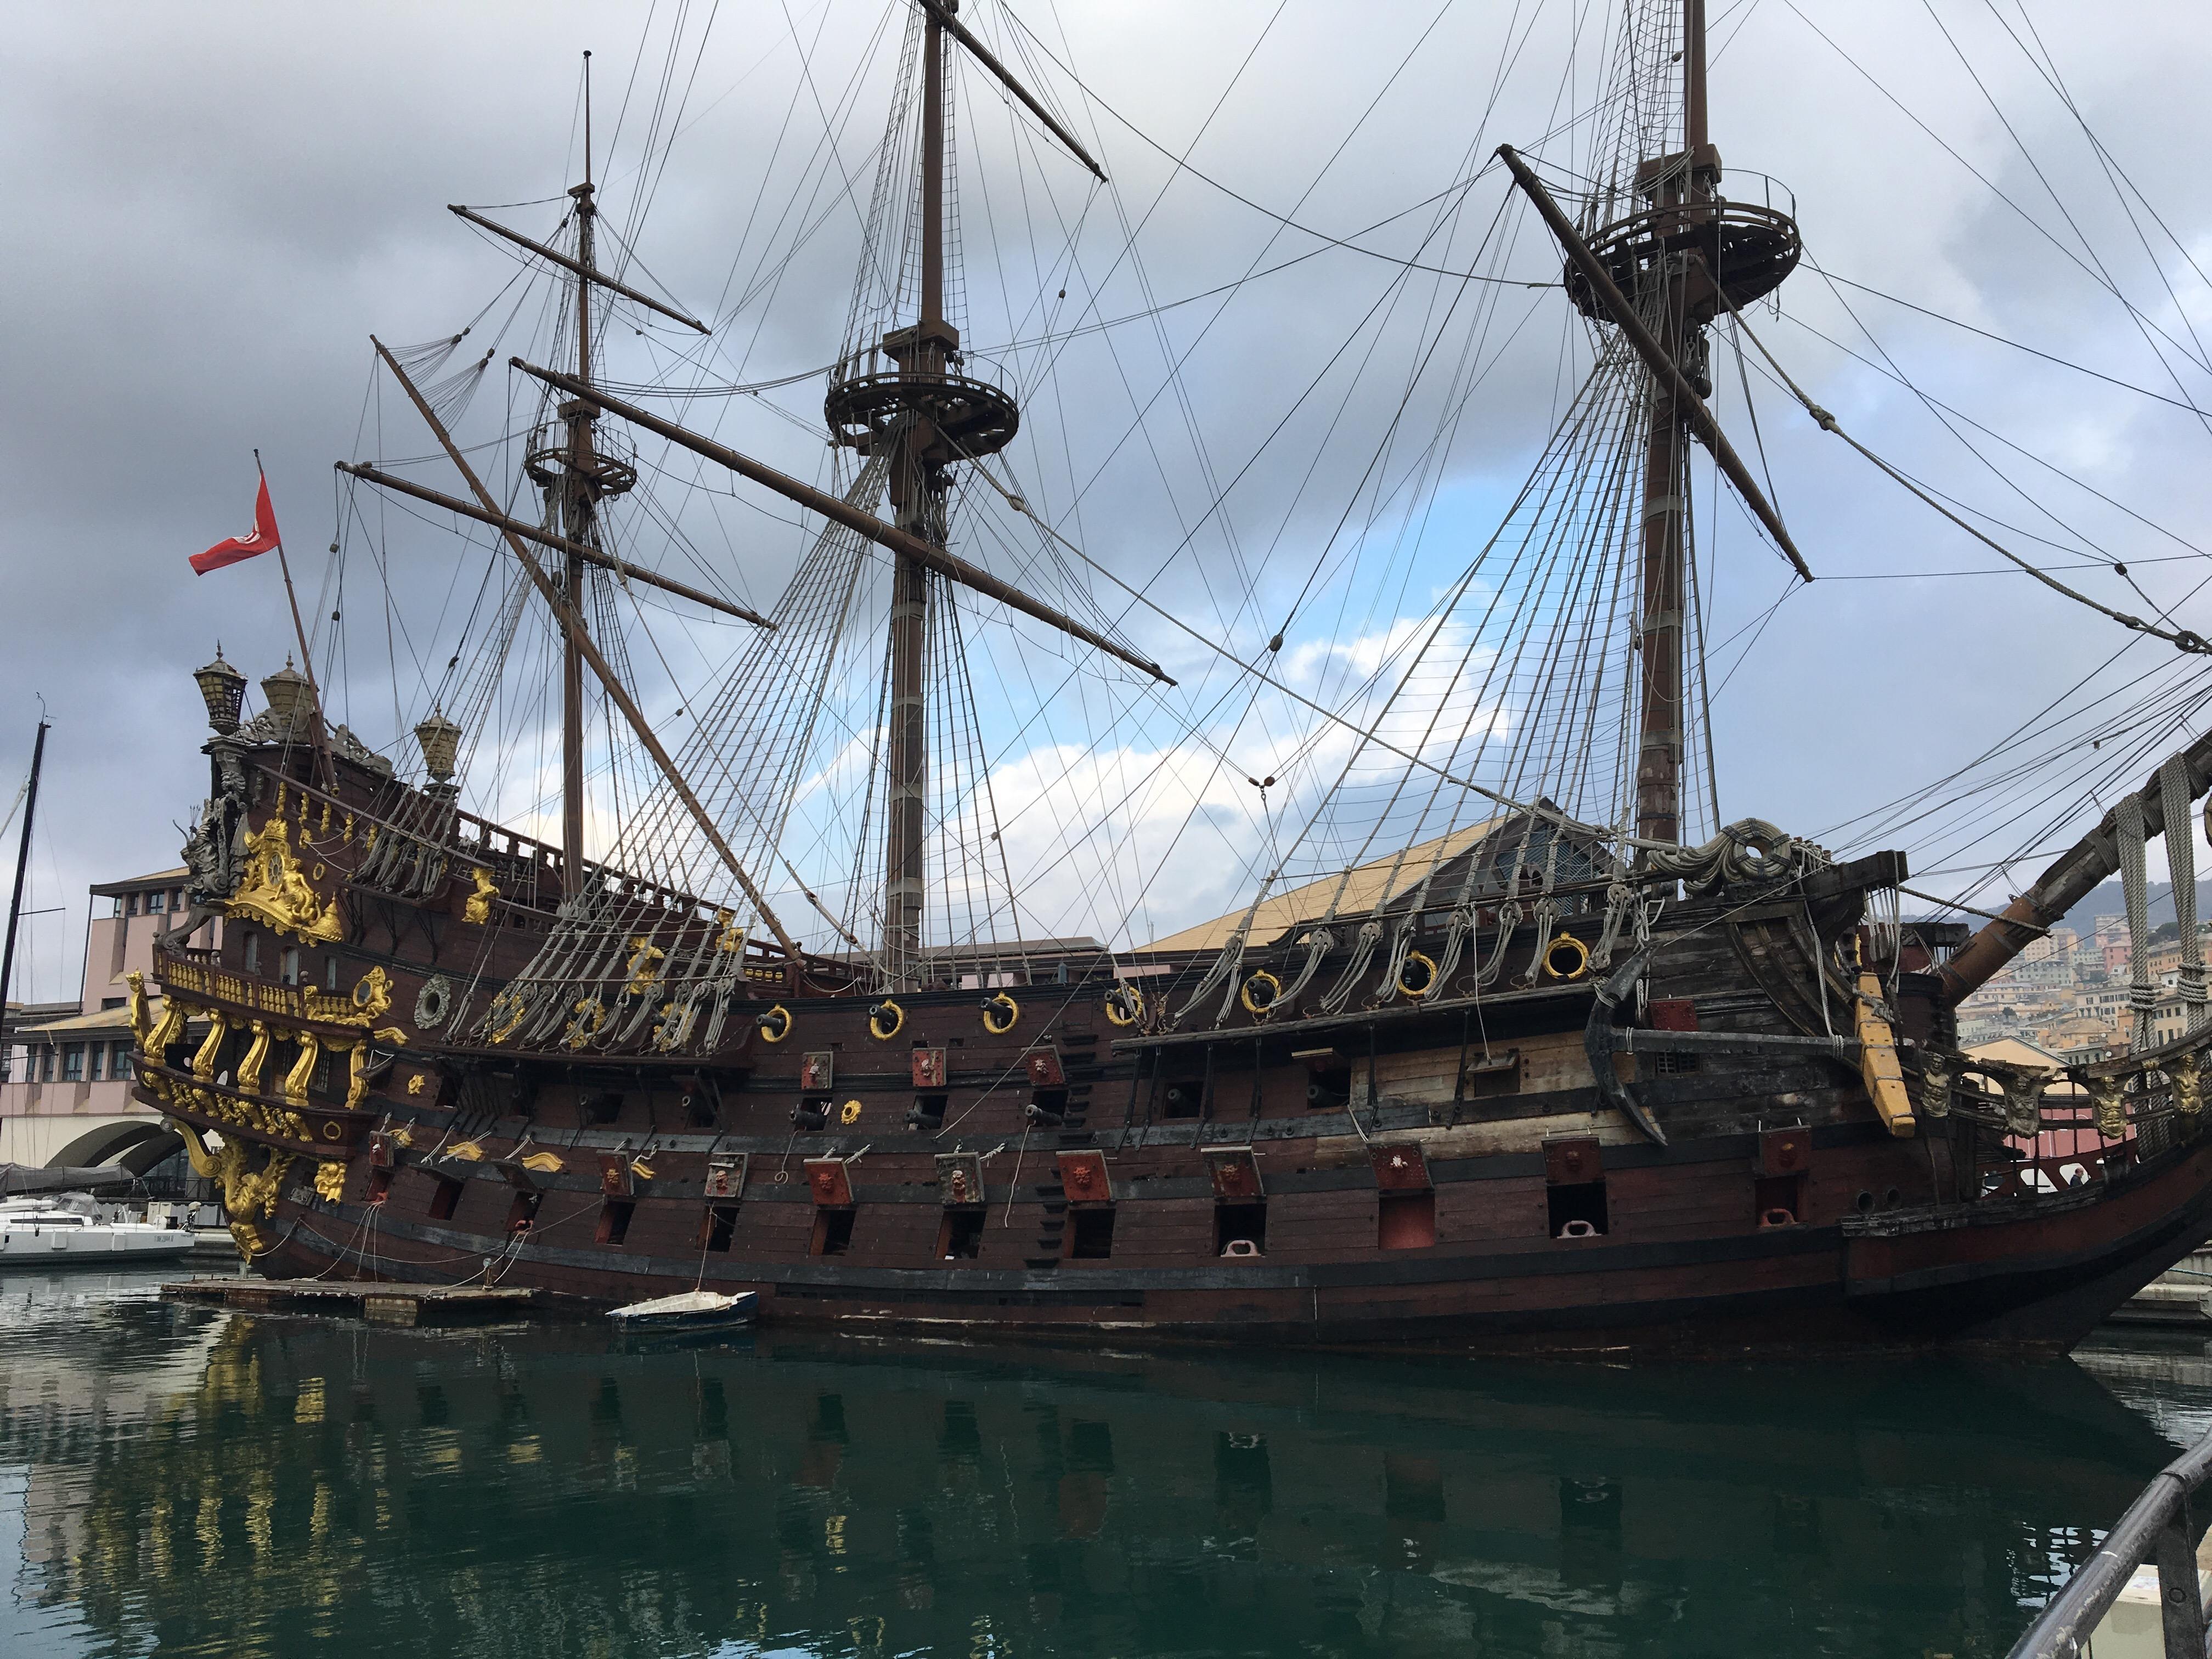 Magnifique bateau au port de Gênes